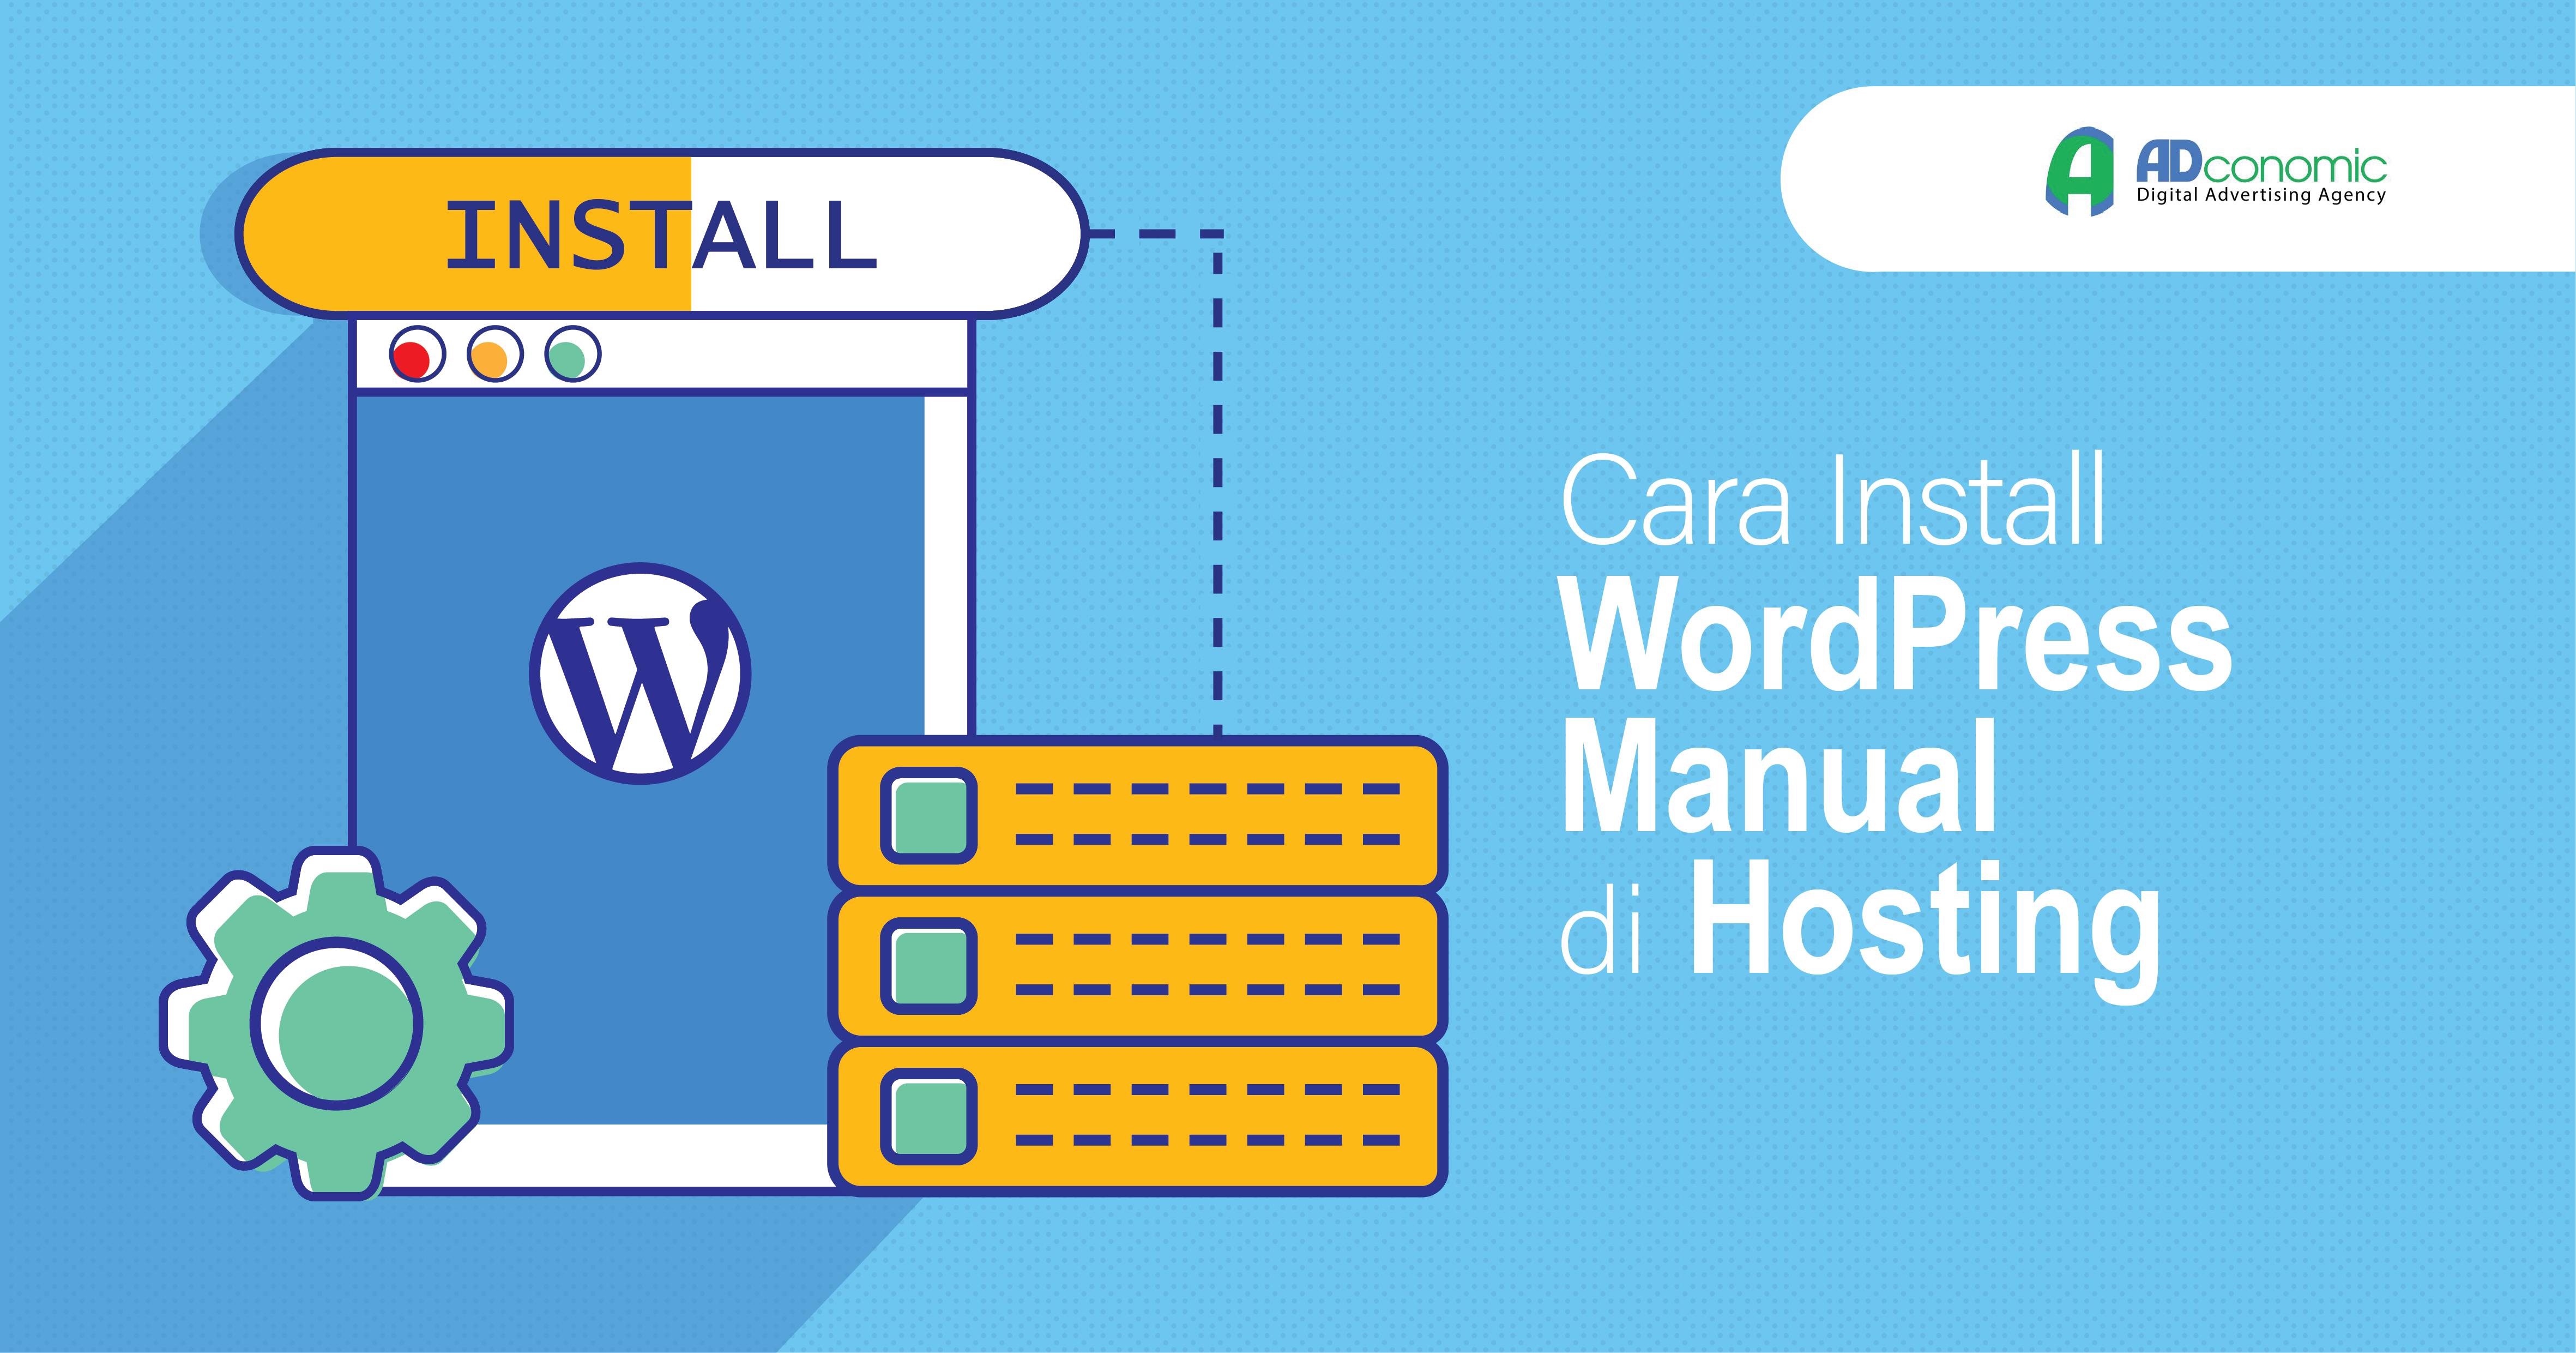 WordPress salah satu CMS paling populer di dunia saat ini karena tampilan antarmuka sederhana dan sistem yang siap pakai tanpa perlu banyak kustomisasi